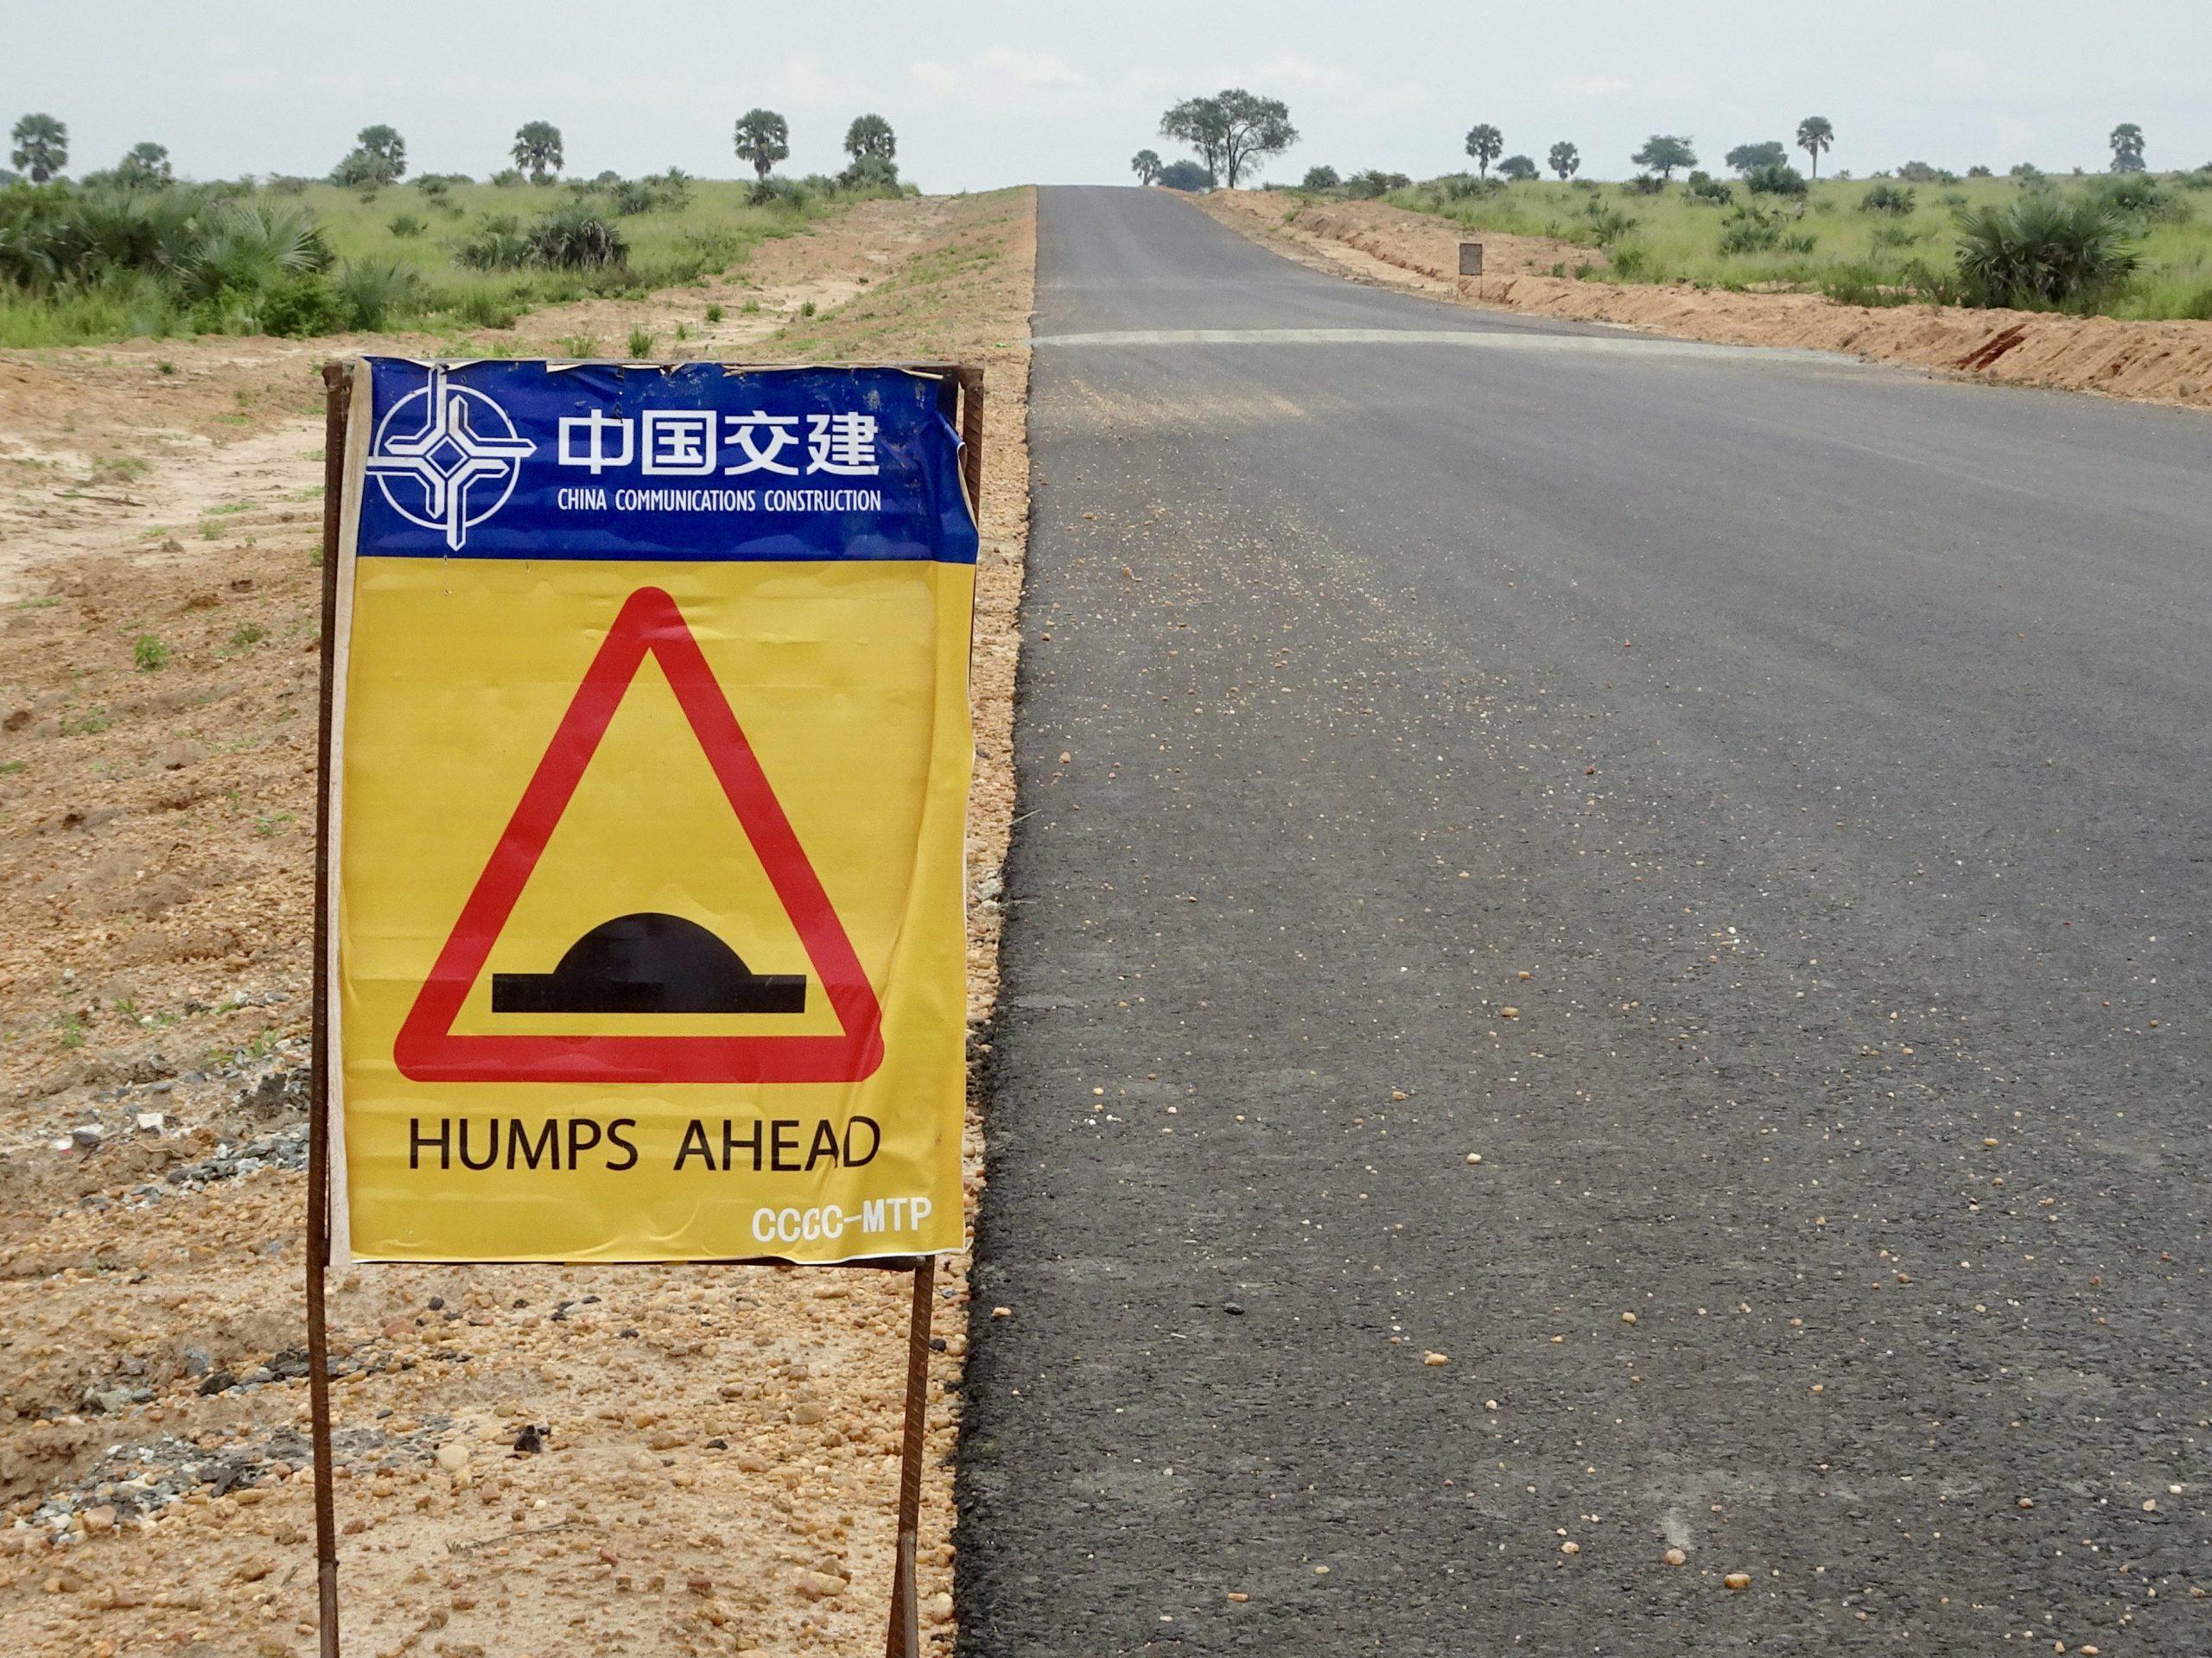 De 'snelweg' door Murchison Falls NP met verkeersdrempels incluis Chinese tekst